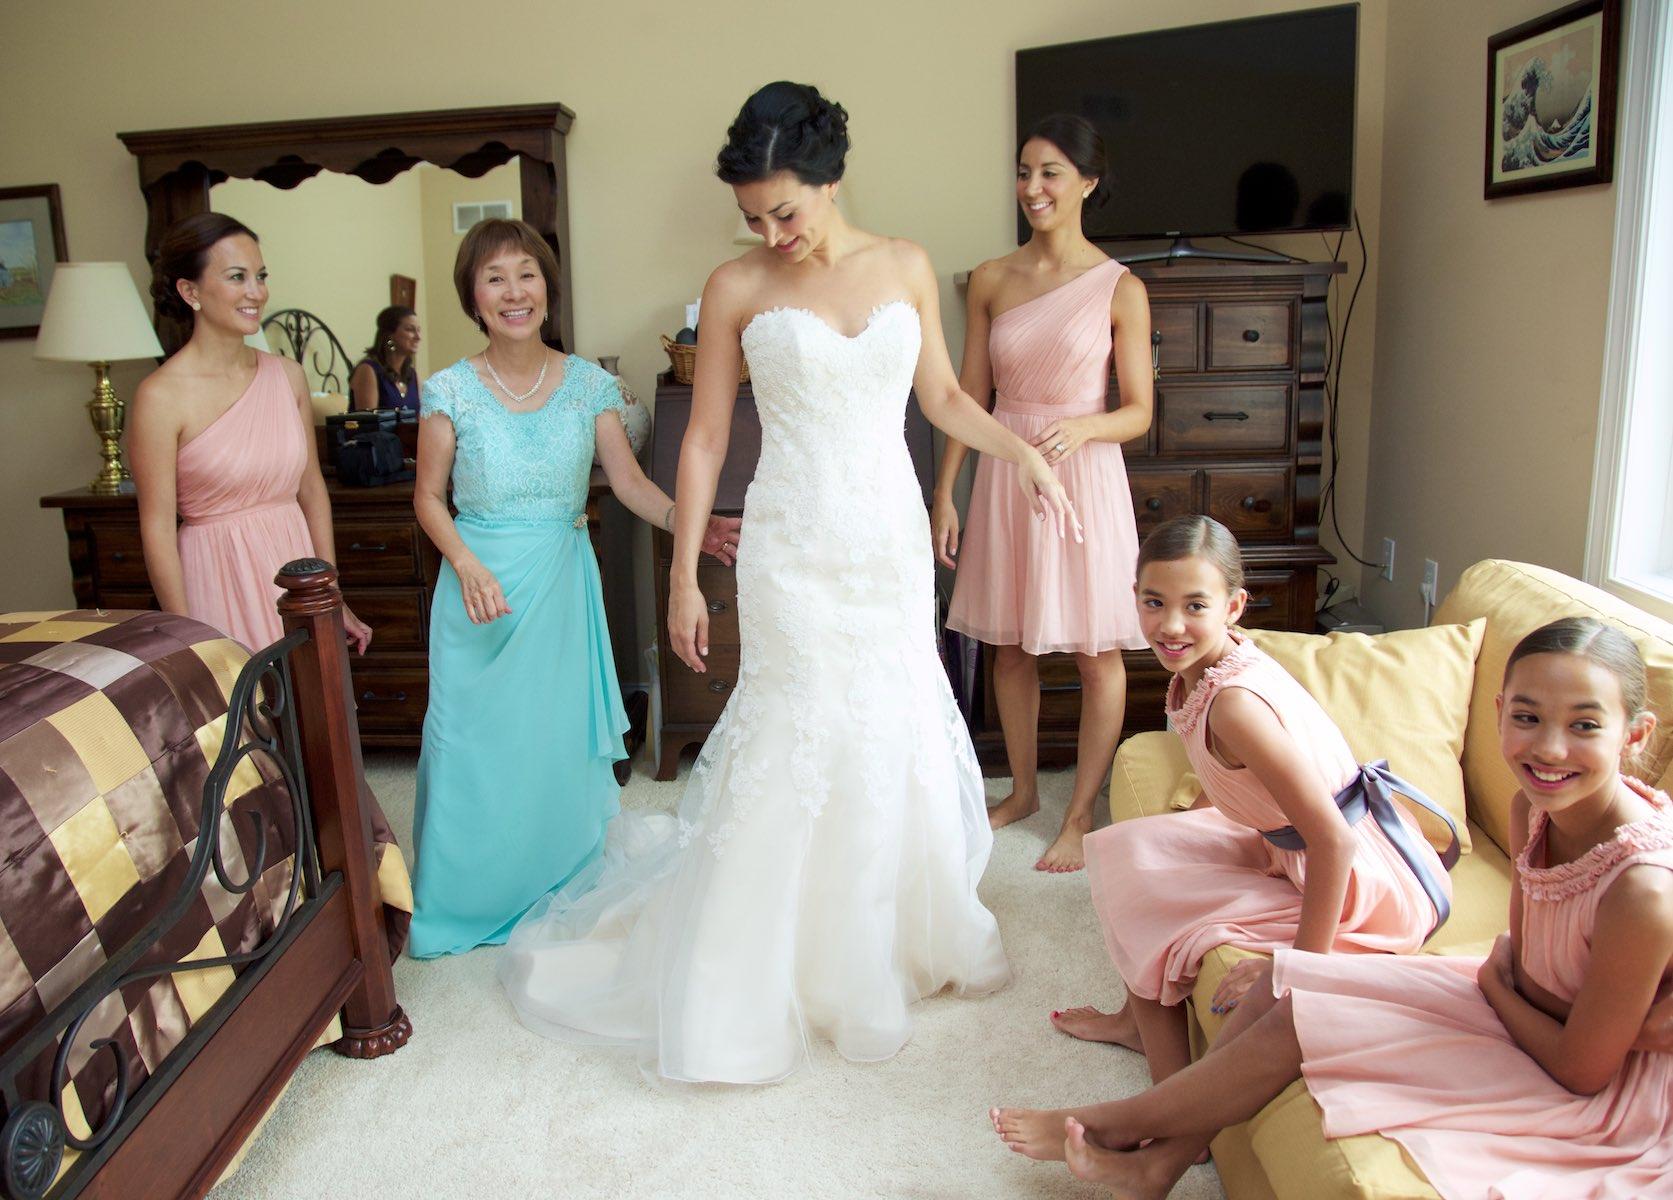 Putting on dress, Emi & Daniel's wedding in Lake Geneva, Wisconsin. Wedding photography by Steve & Tiffany Warmowski.